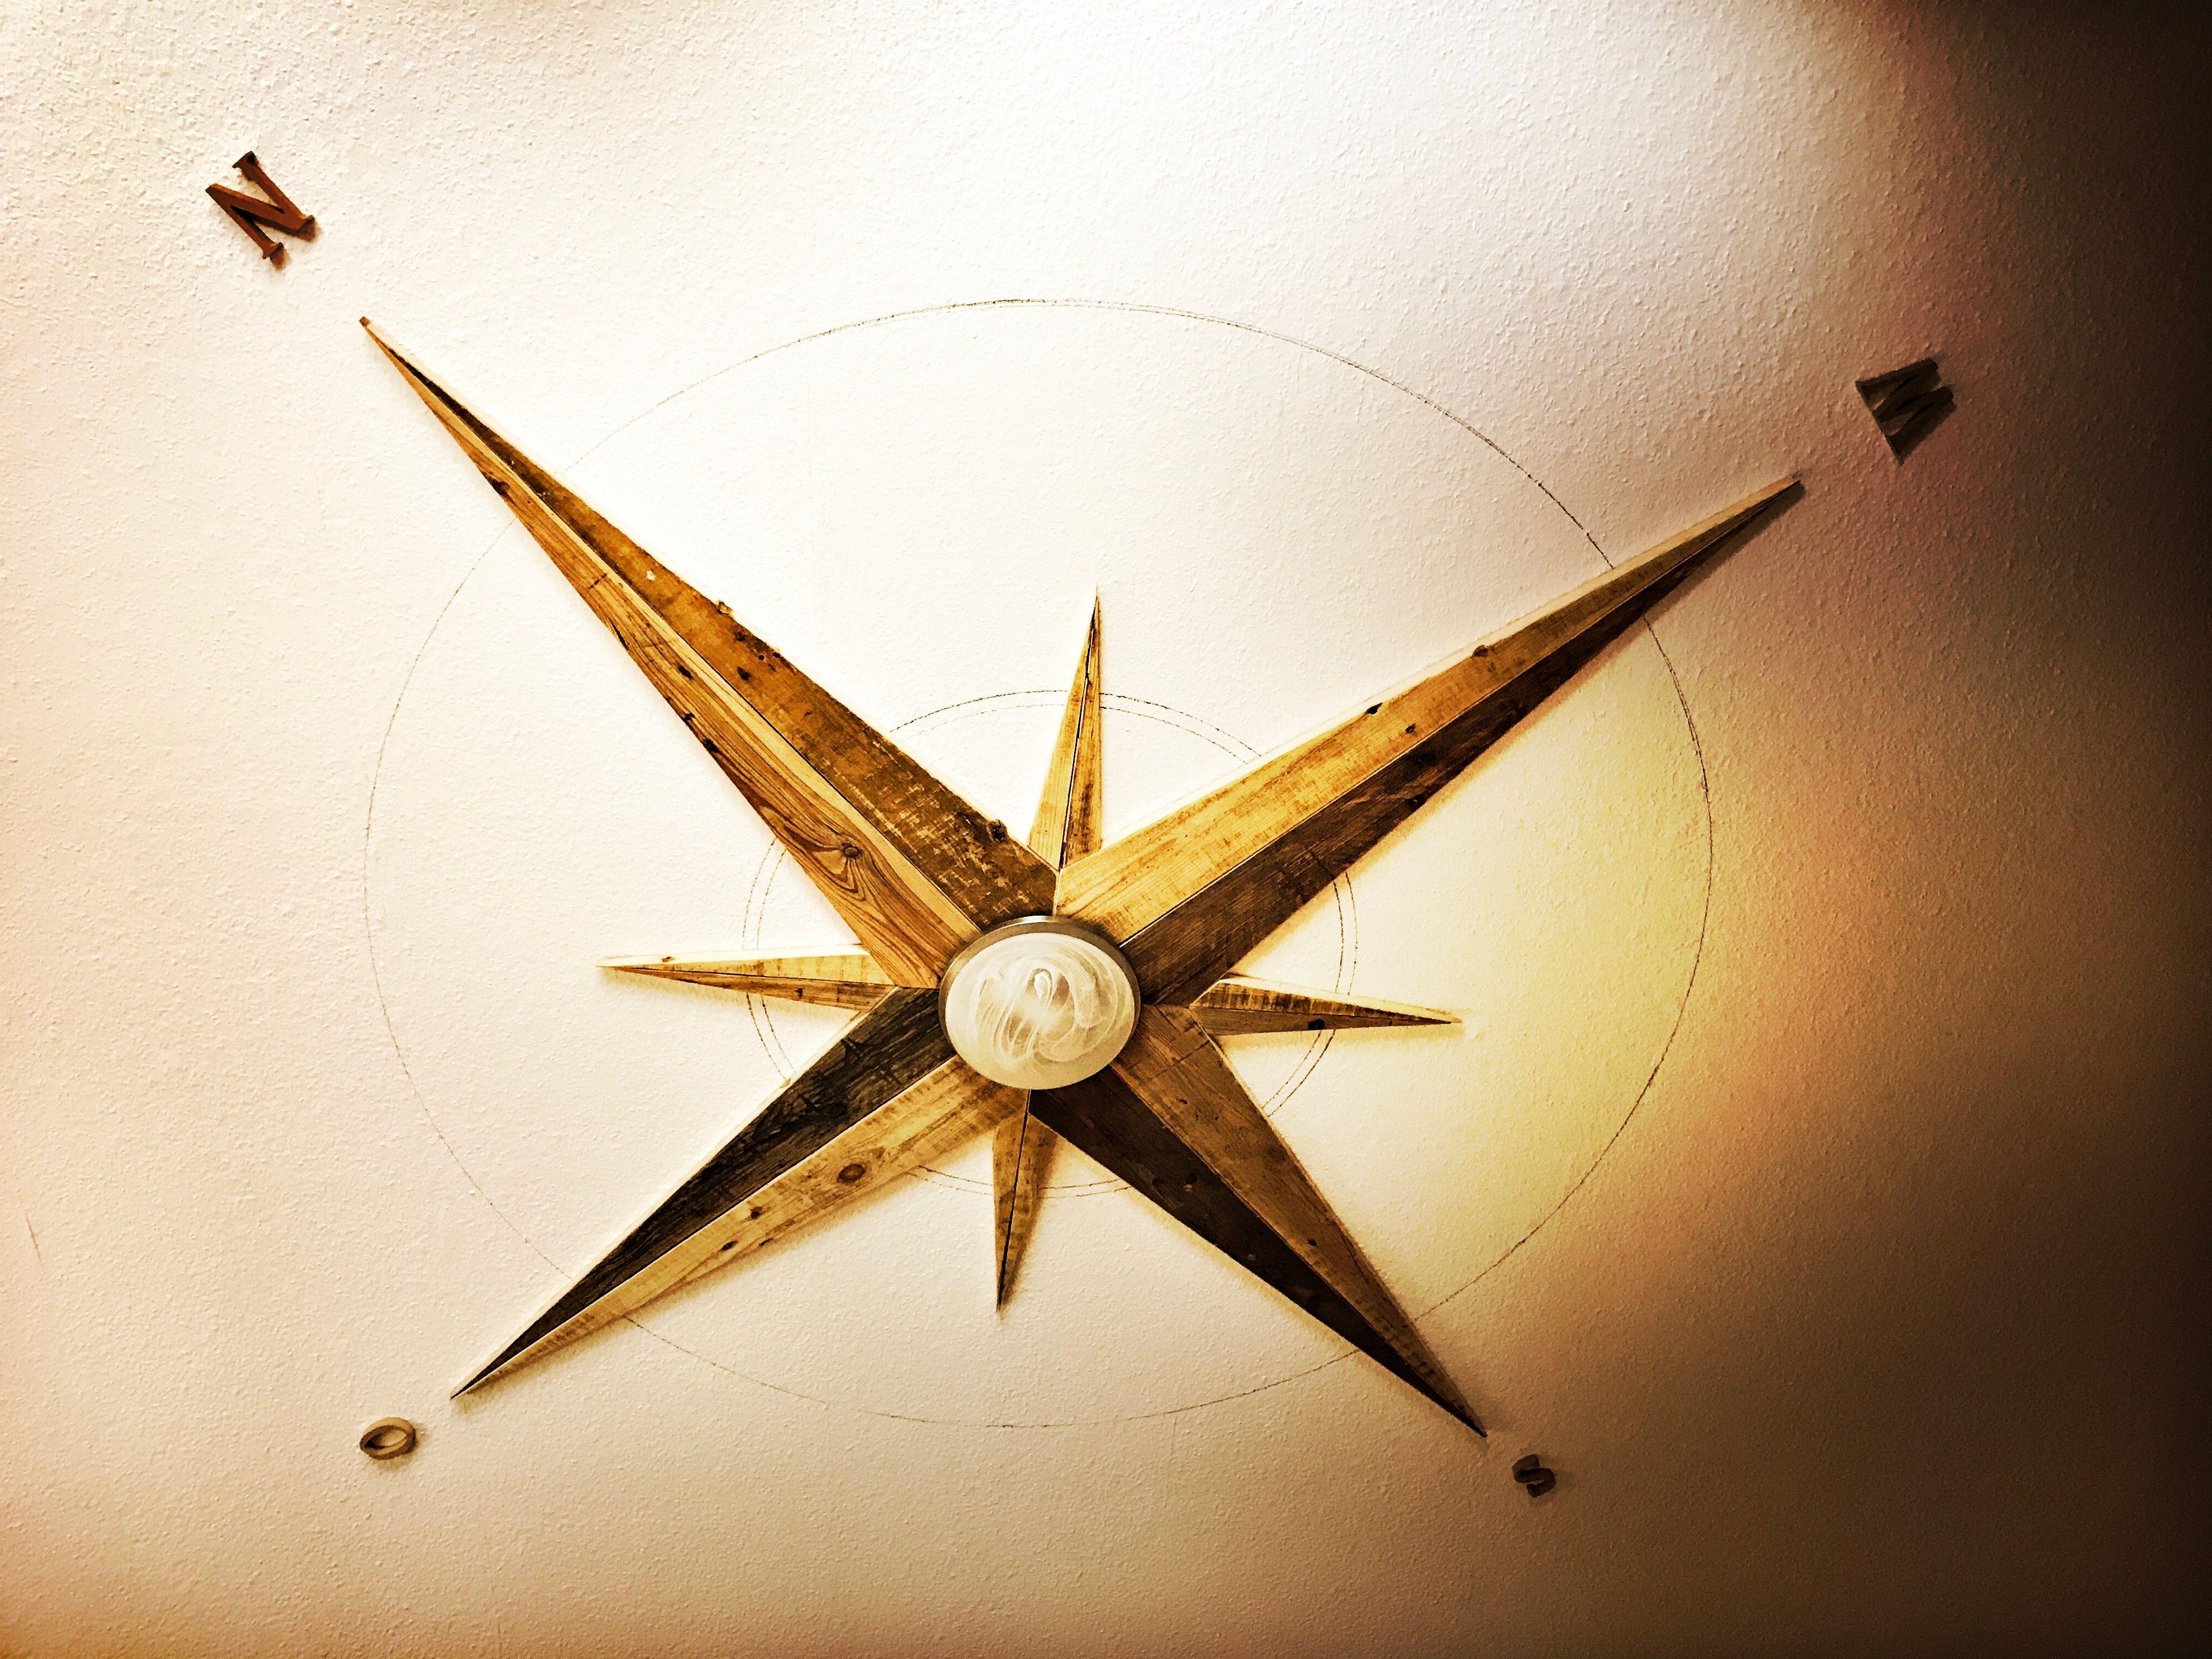 e90c3292e824e1087a2accc958536e03 Schöne Was ist Eine Lampe Dekorationen